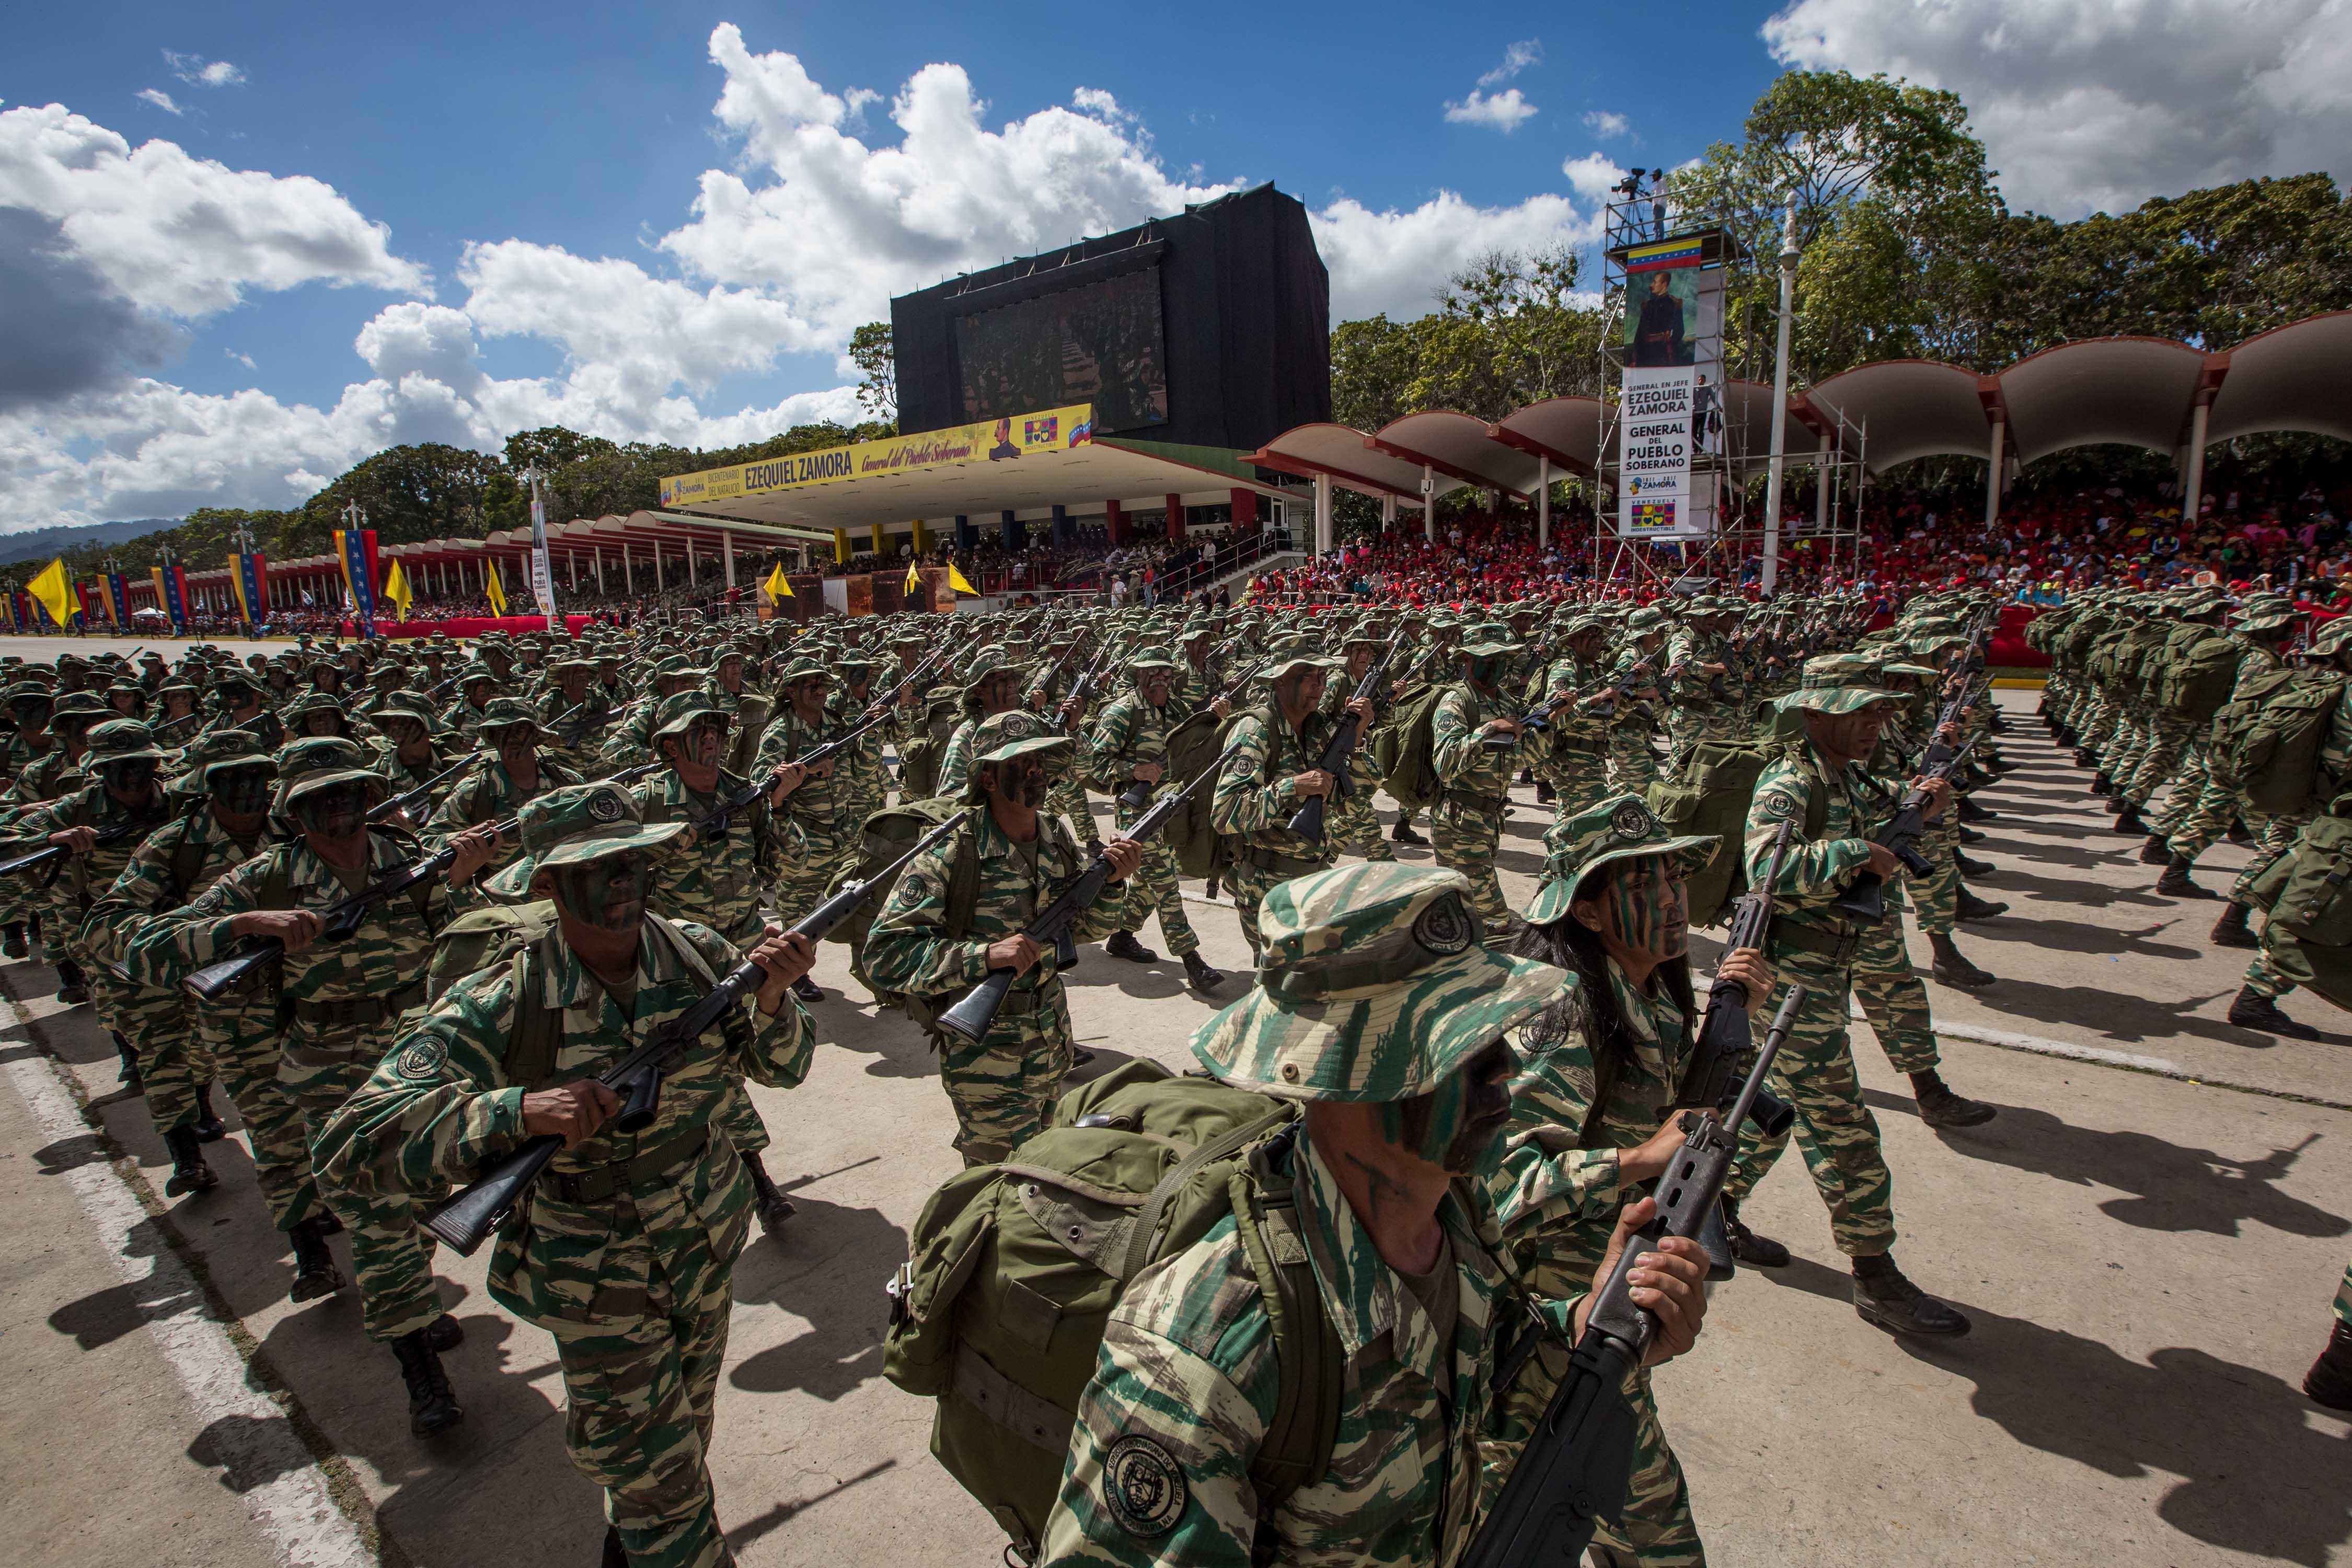 """CAR11. CARACAS (VENEZUELA), 01/02/2017.- Soldados participan en un desfile militar en honor del general Ezequiel Zamora hoy, miércoles 1 de febrero de 2017, en Caracas (Venezuela). El Gobierno de Venezuela celebró hoy los 200 años del natalicio del general Ezequiel Zamora, un personaje histórico venezolano que el chavismo considera un """"héroe"""" y a quien el opositor y expresidente del Parlamento Henry Ramos Allup calificó de """"negrero"""" y """"esclavista"""". EFE/Miguel Gutiérrez"""